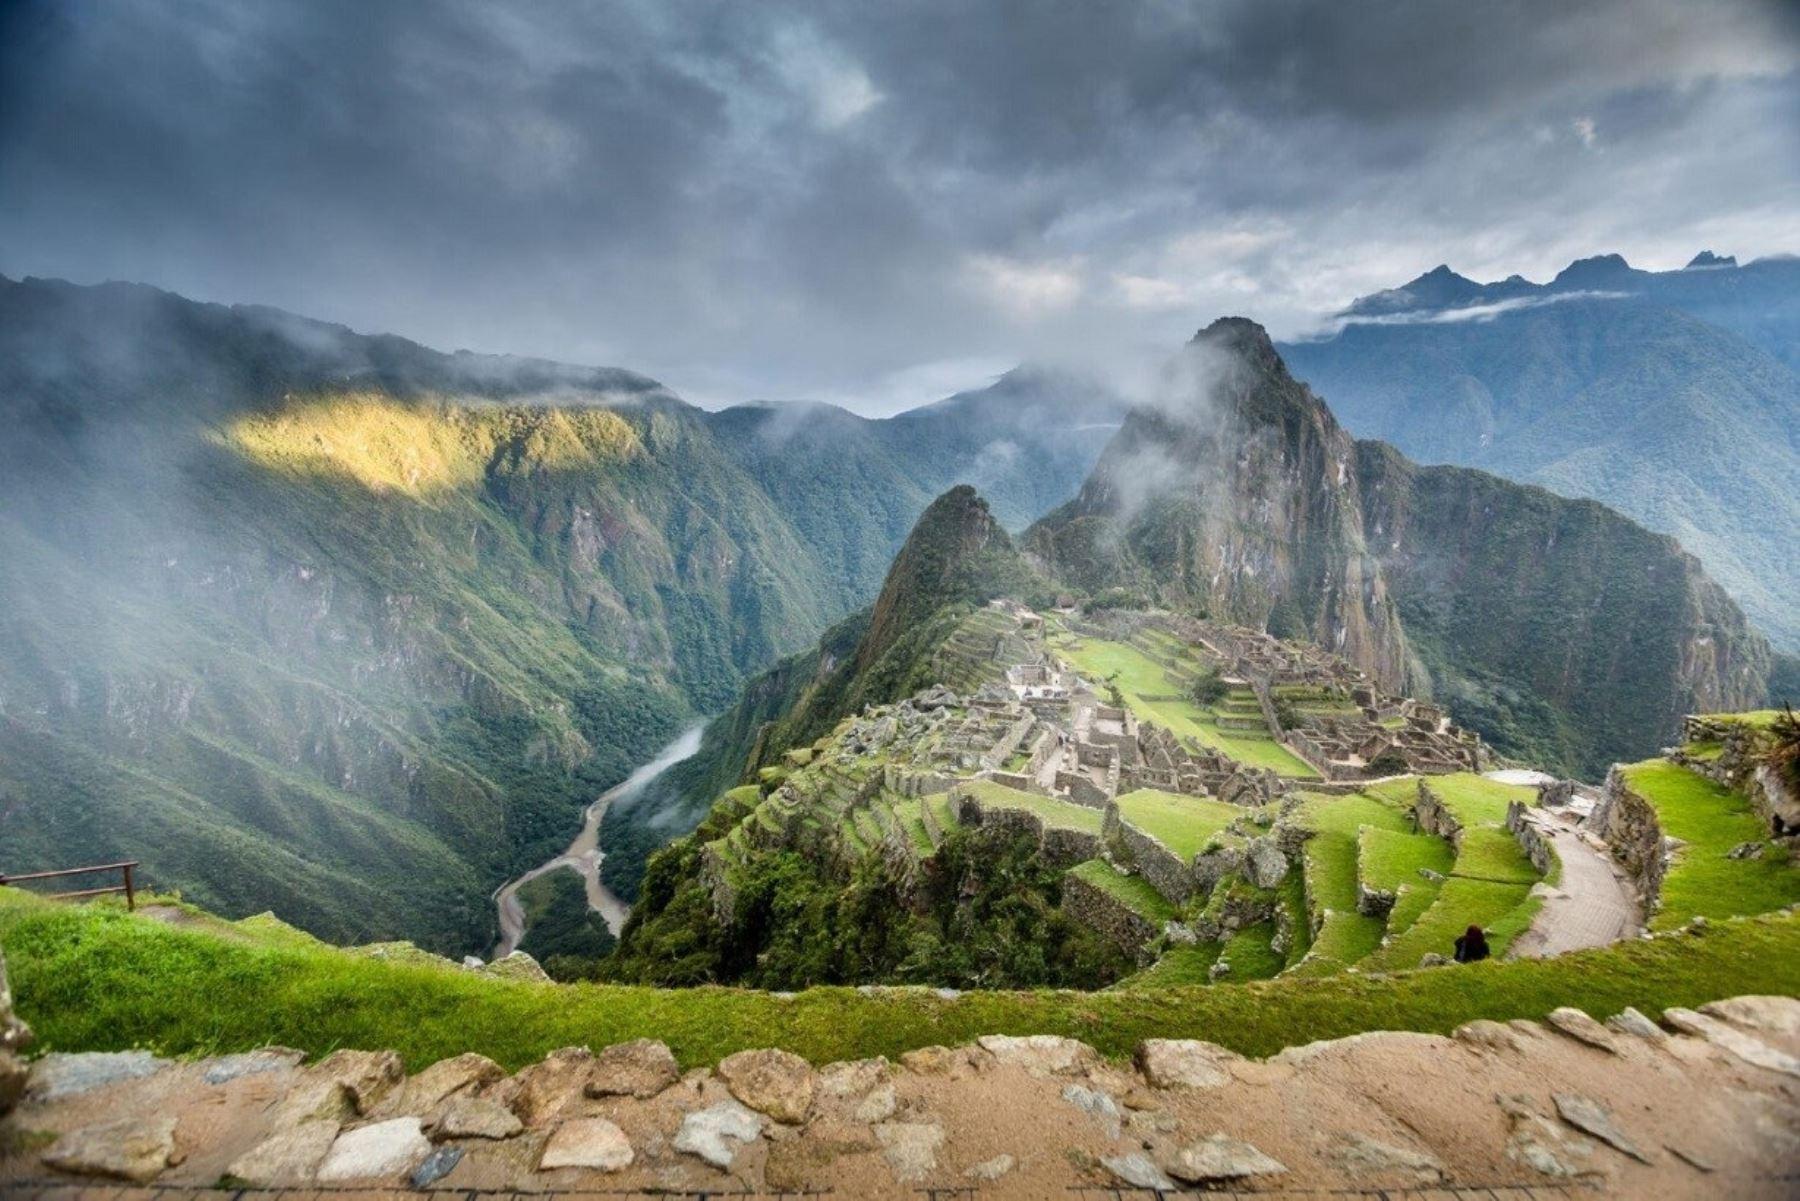 La ciudadela inca, ubicada dentro del Santuario Histórico y Parque Arqueológico de Machu Picchu, es el principal atractivo turístico del Perú y ha sido distinguida como Patrimonio de la Humanidad por la Unesco. Foto: AFP